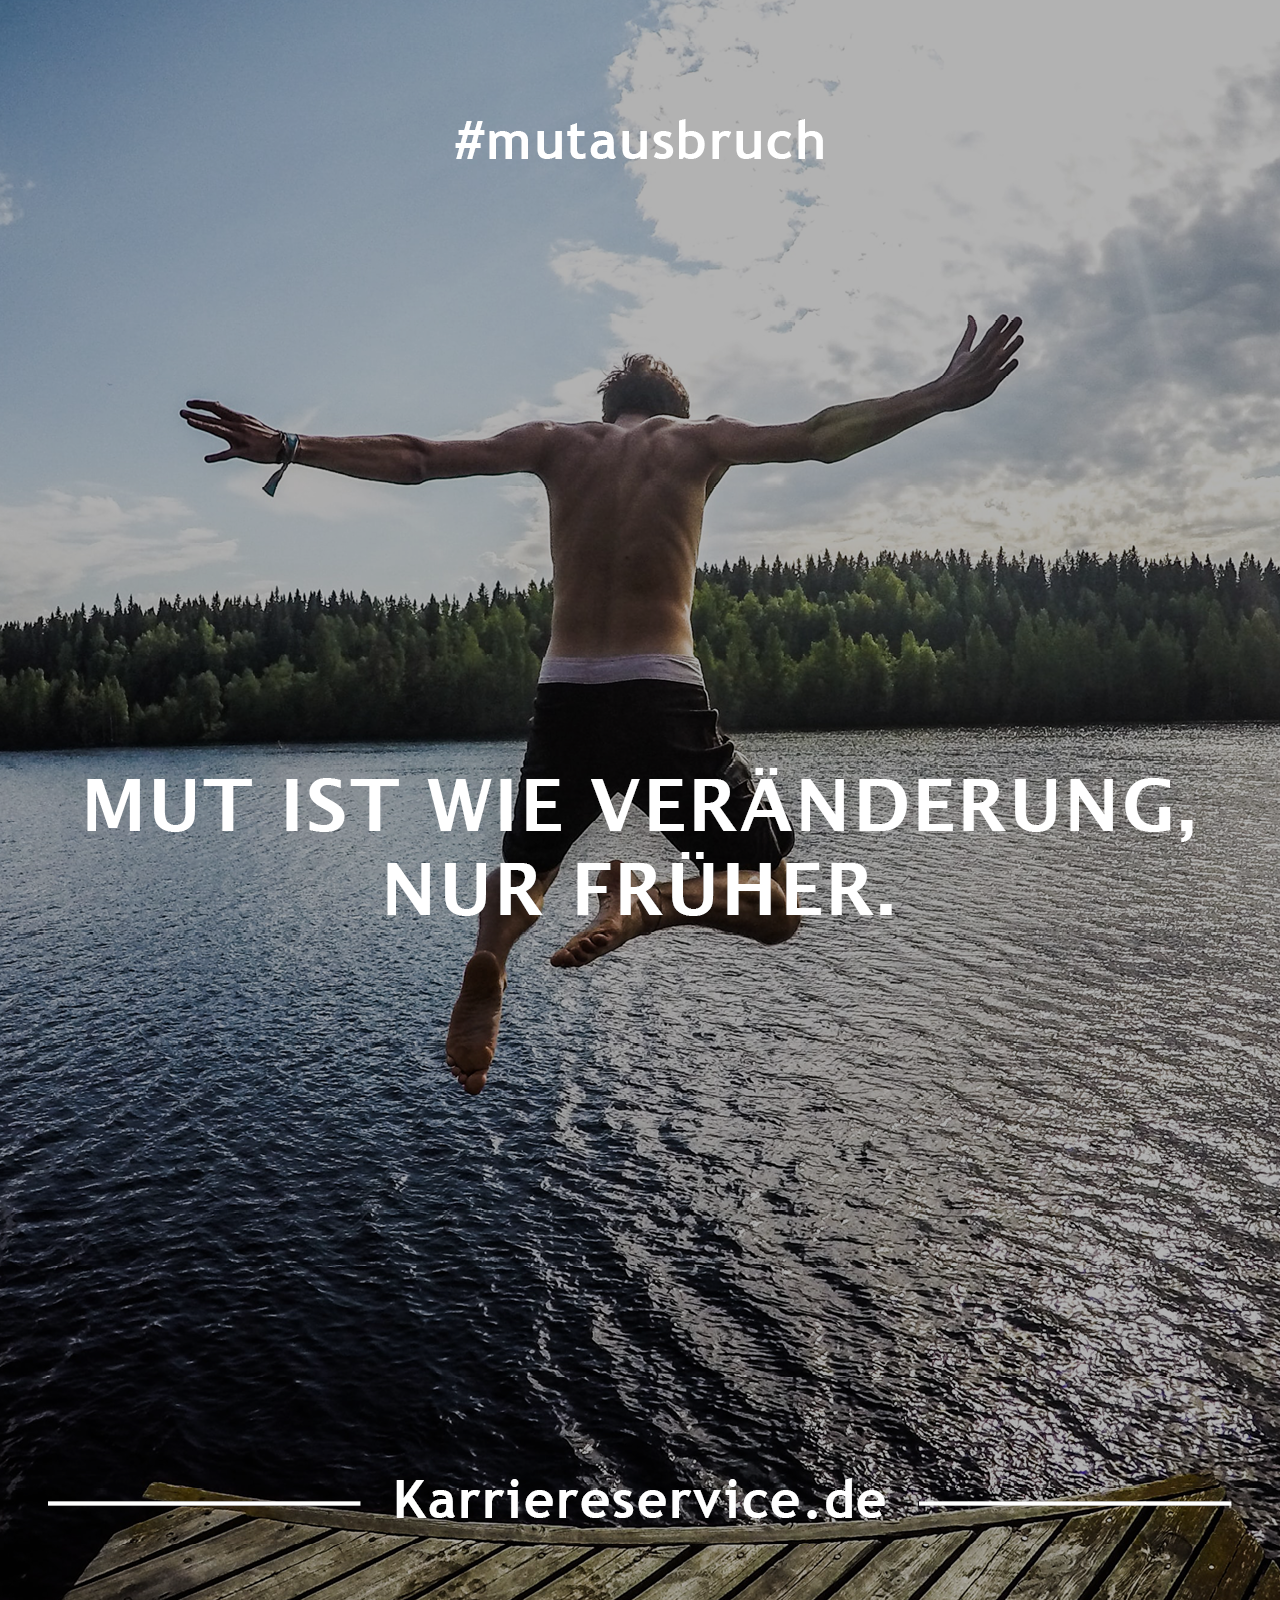 pin auf mutausbruch - quotes und sprüche - karriereservice.de